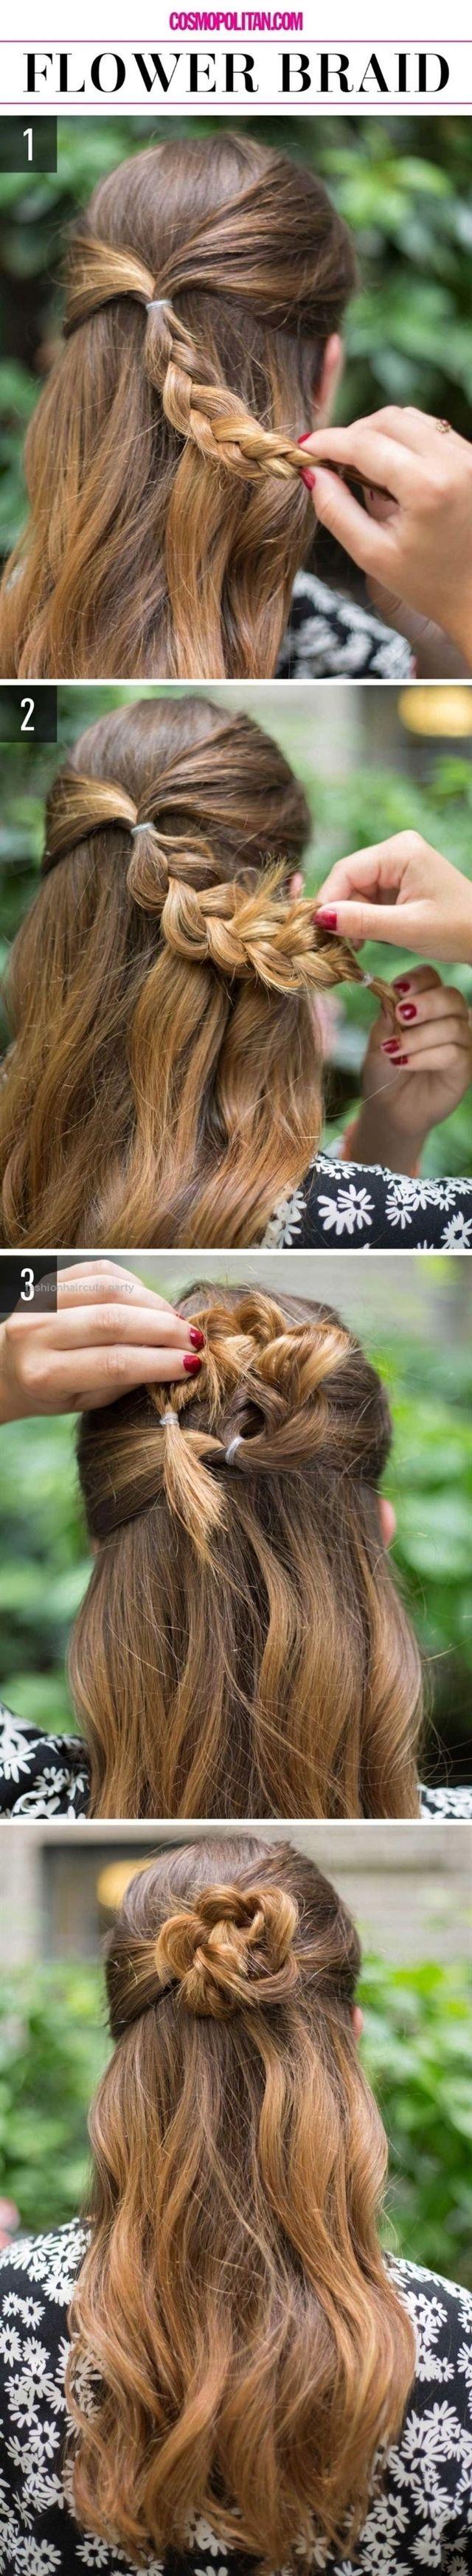 15 Super Easy Frisuren für Mädchen im Jahr 2016 – Drei-Schritt-Frisuren für Mädchen …